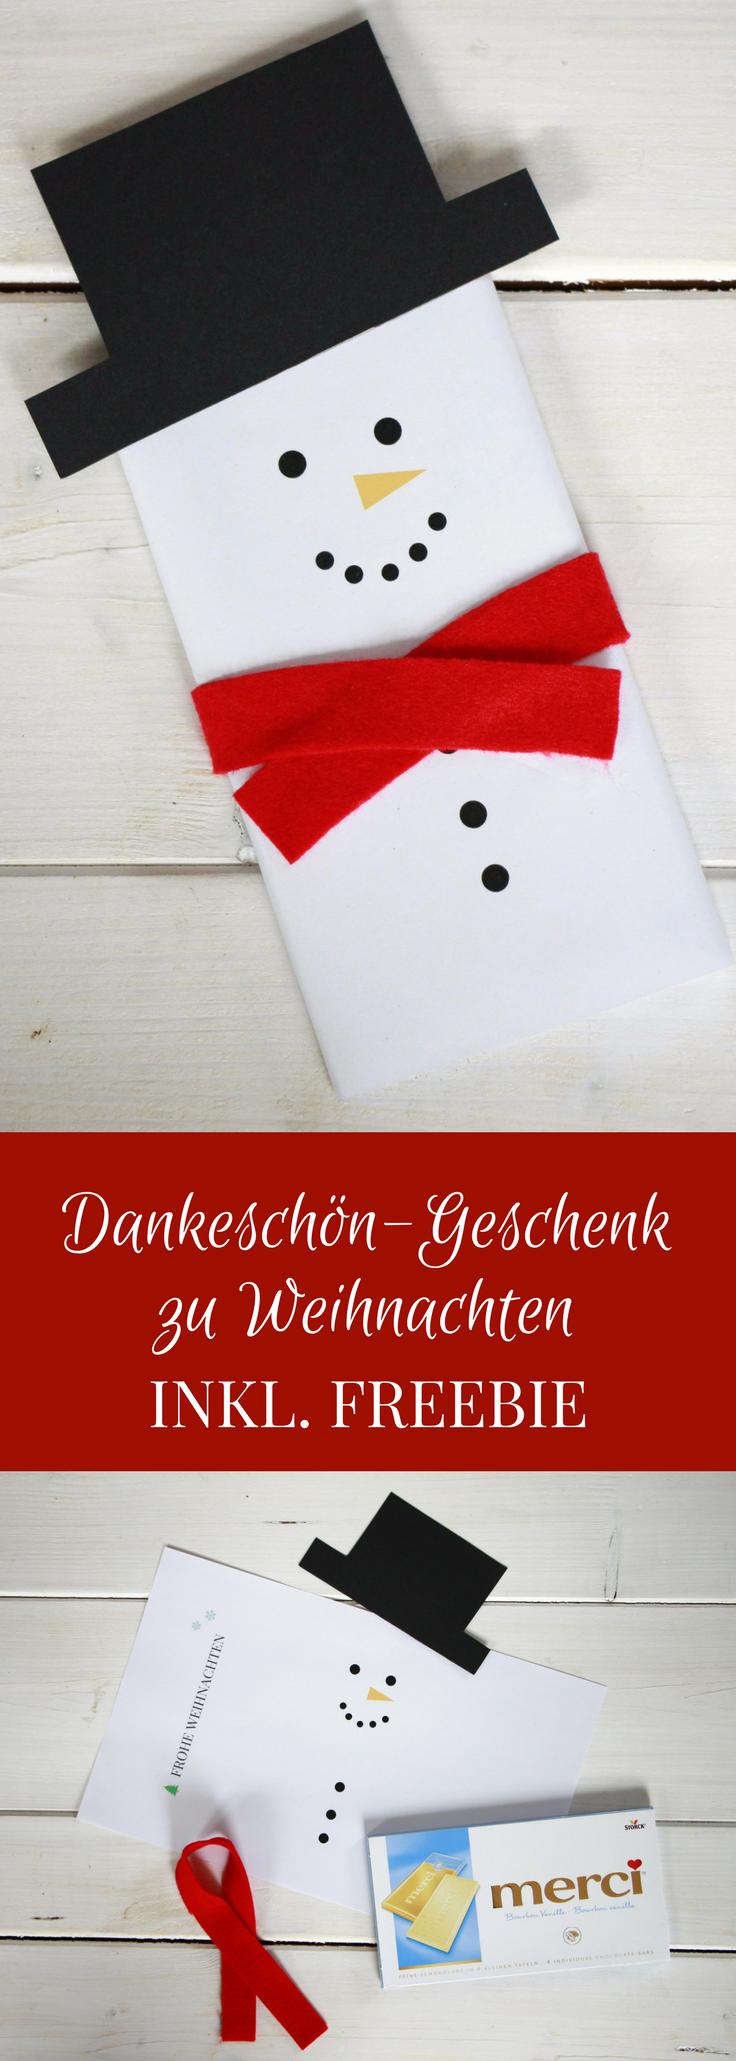 Dankeschön-Geschenk basteln: Geldgeschenke Weihnachten kreativ verpacken #bastelideenweihnachten